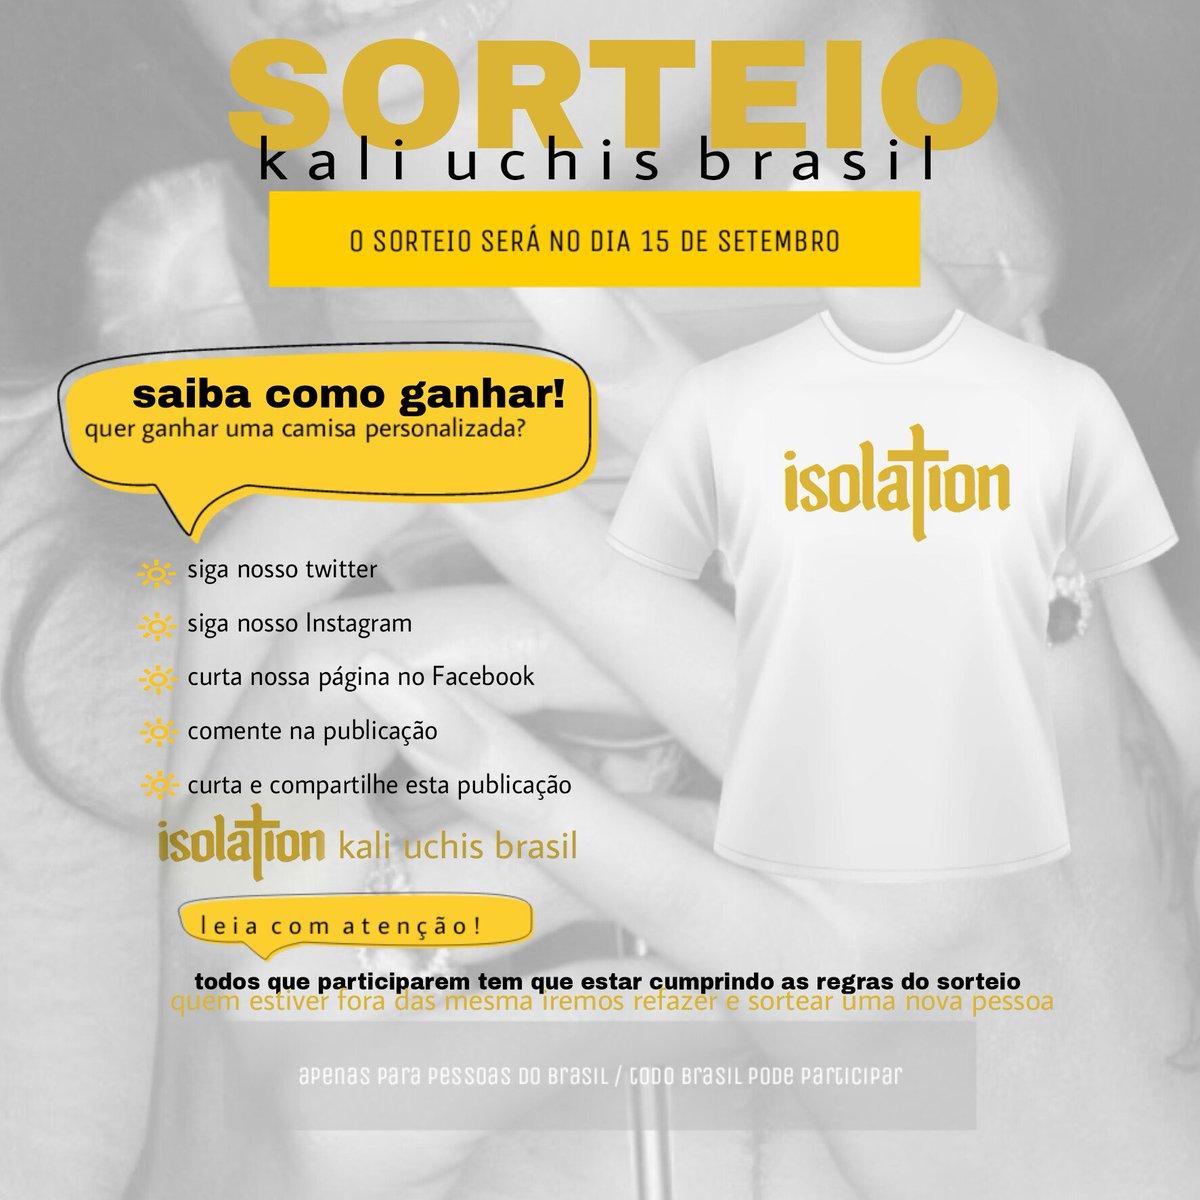 d2ce299980 Kali Uchis Brasil on Twitter: